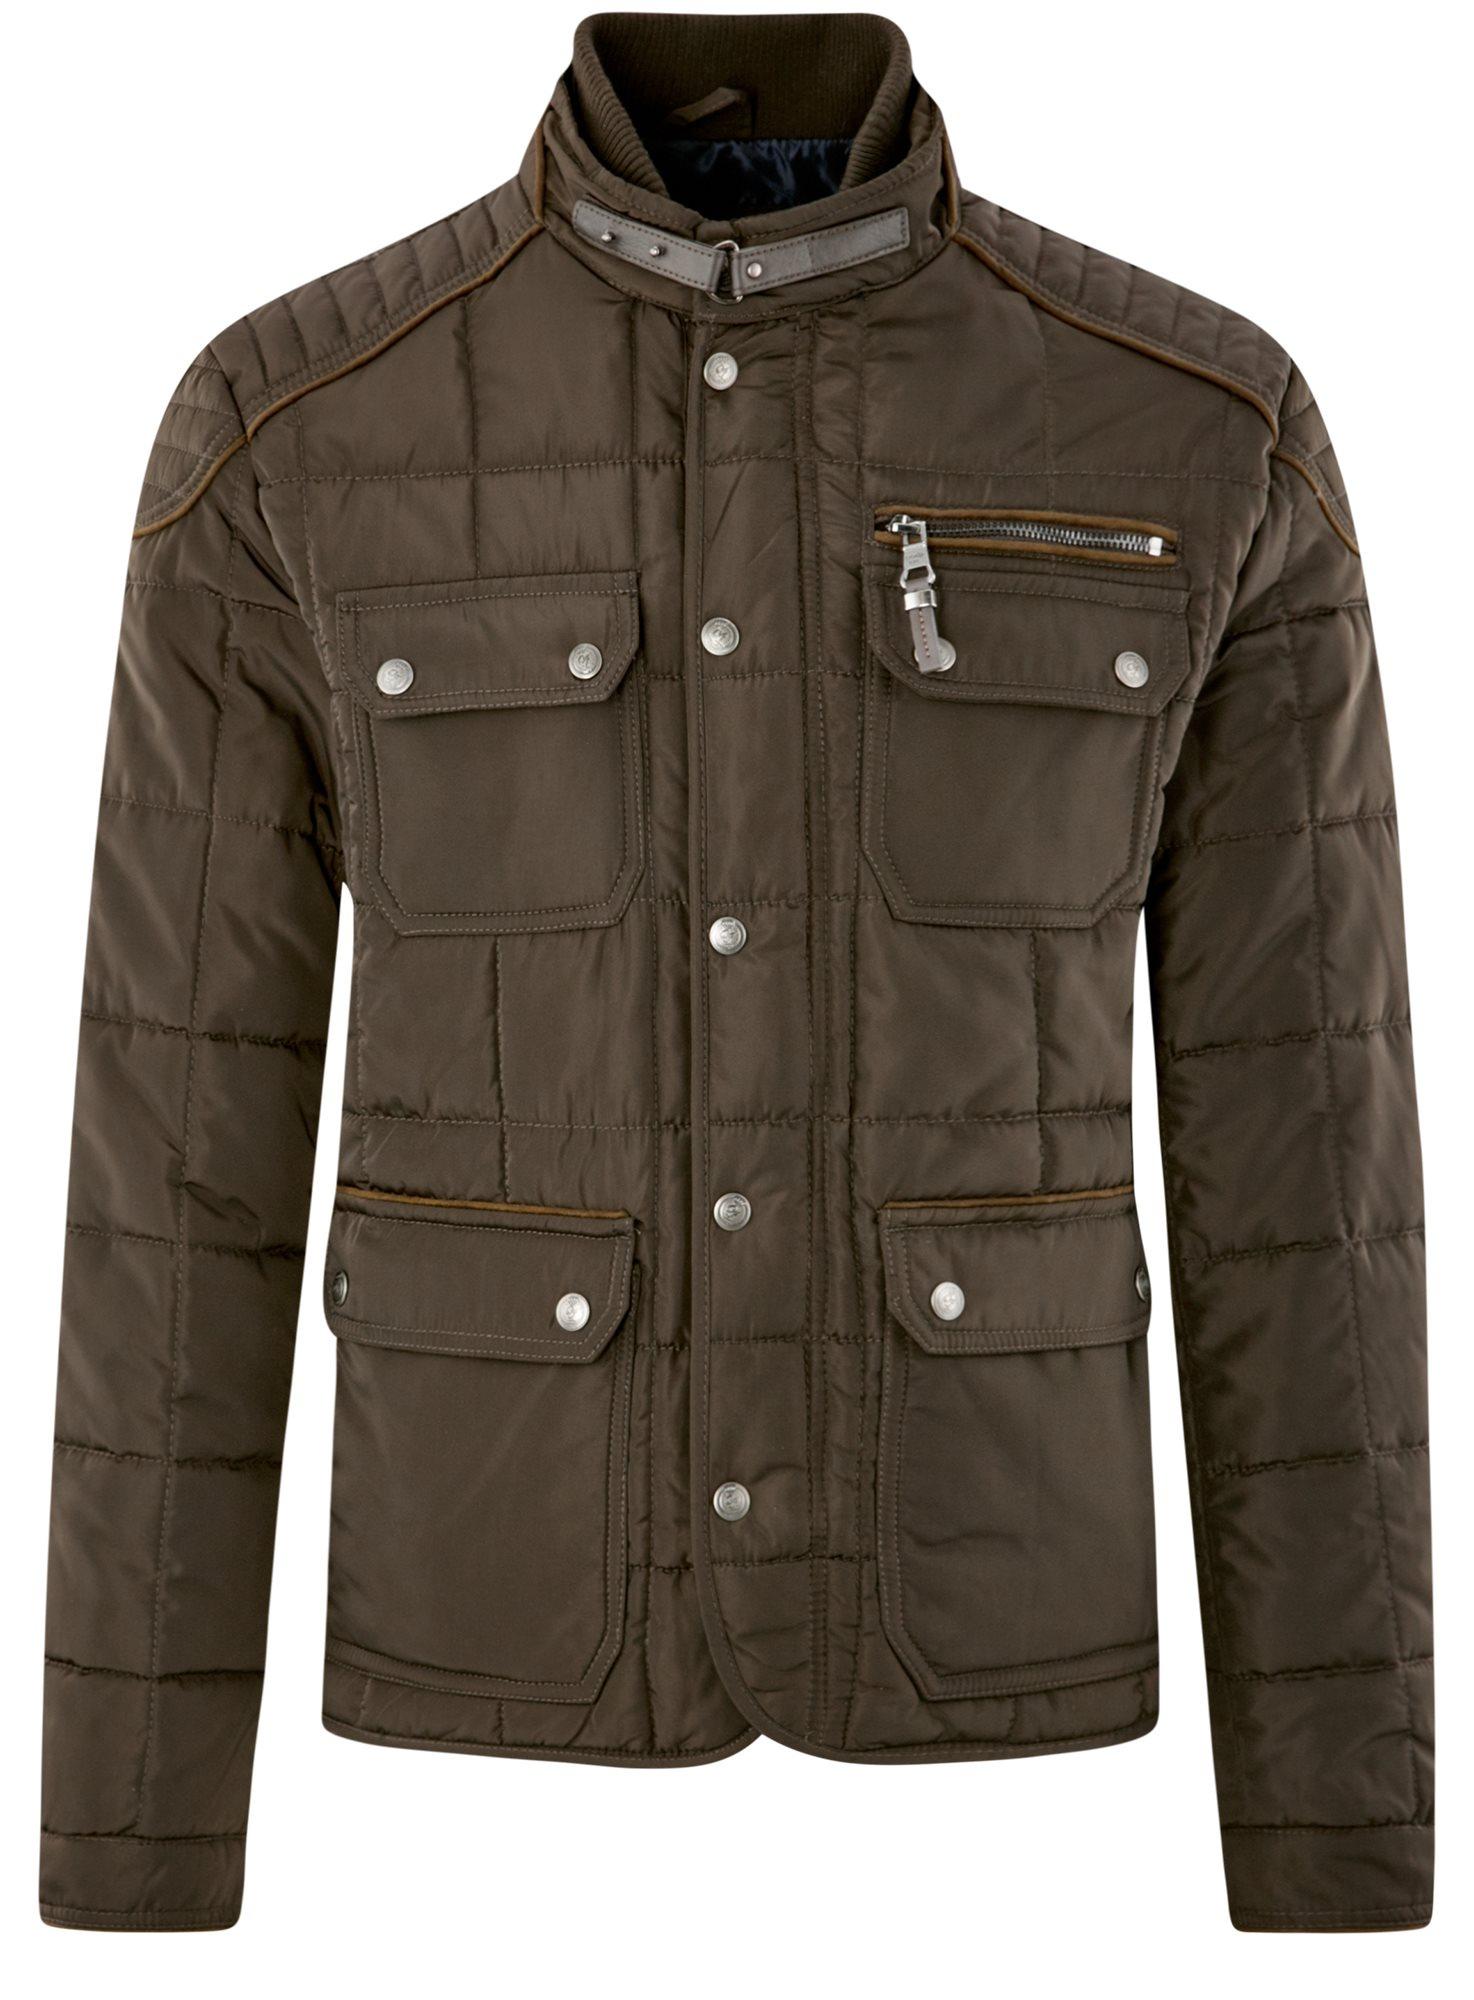 Куртка стеганая с накладными карманами oodji для мужчины (коричневый), 1L111044M/39877N/3900N